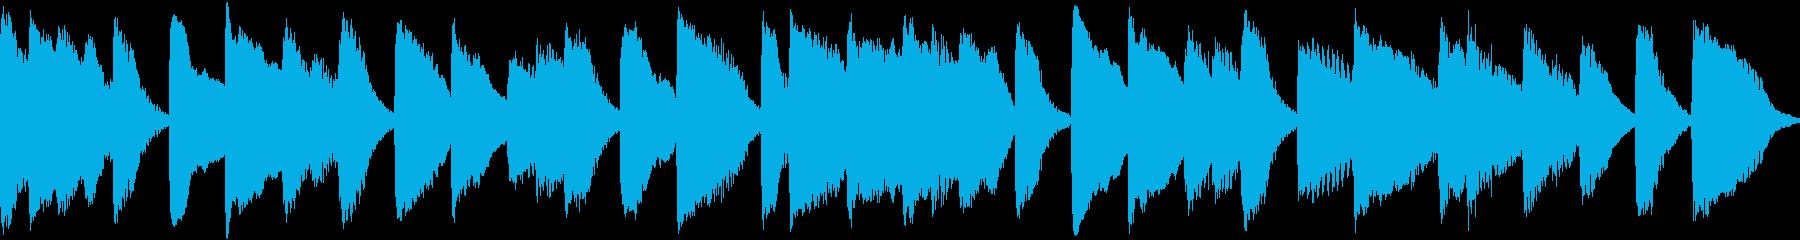 ループもできるピアノのジングルです。の再生済みの波形